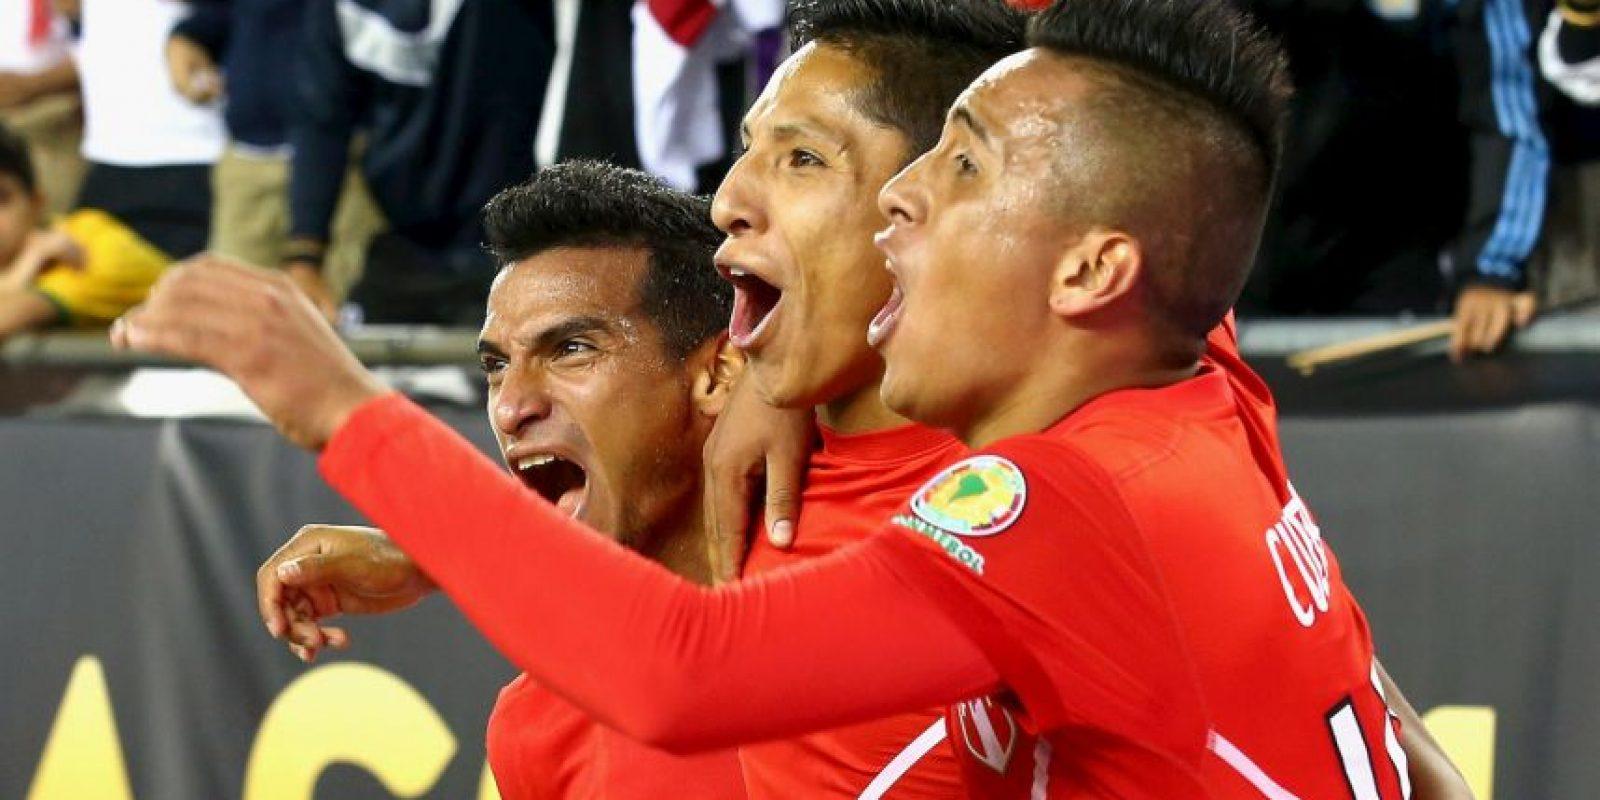 La gesta fue celebrada por la prensa peruana y se dieron un festín Foto:Getty Images